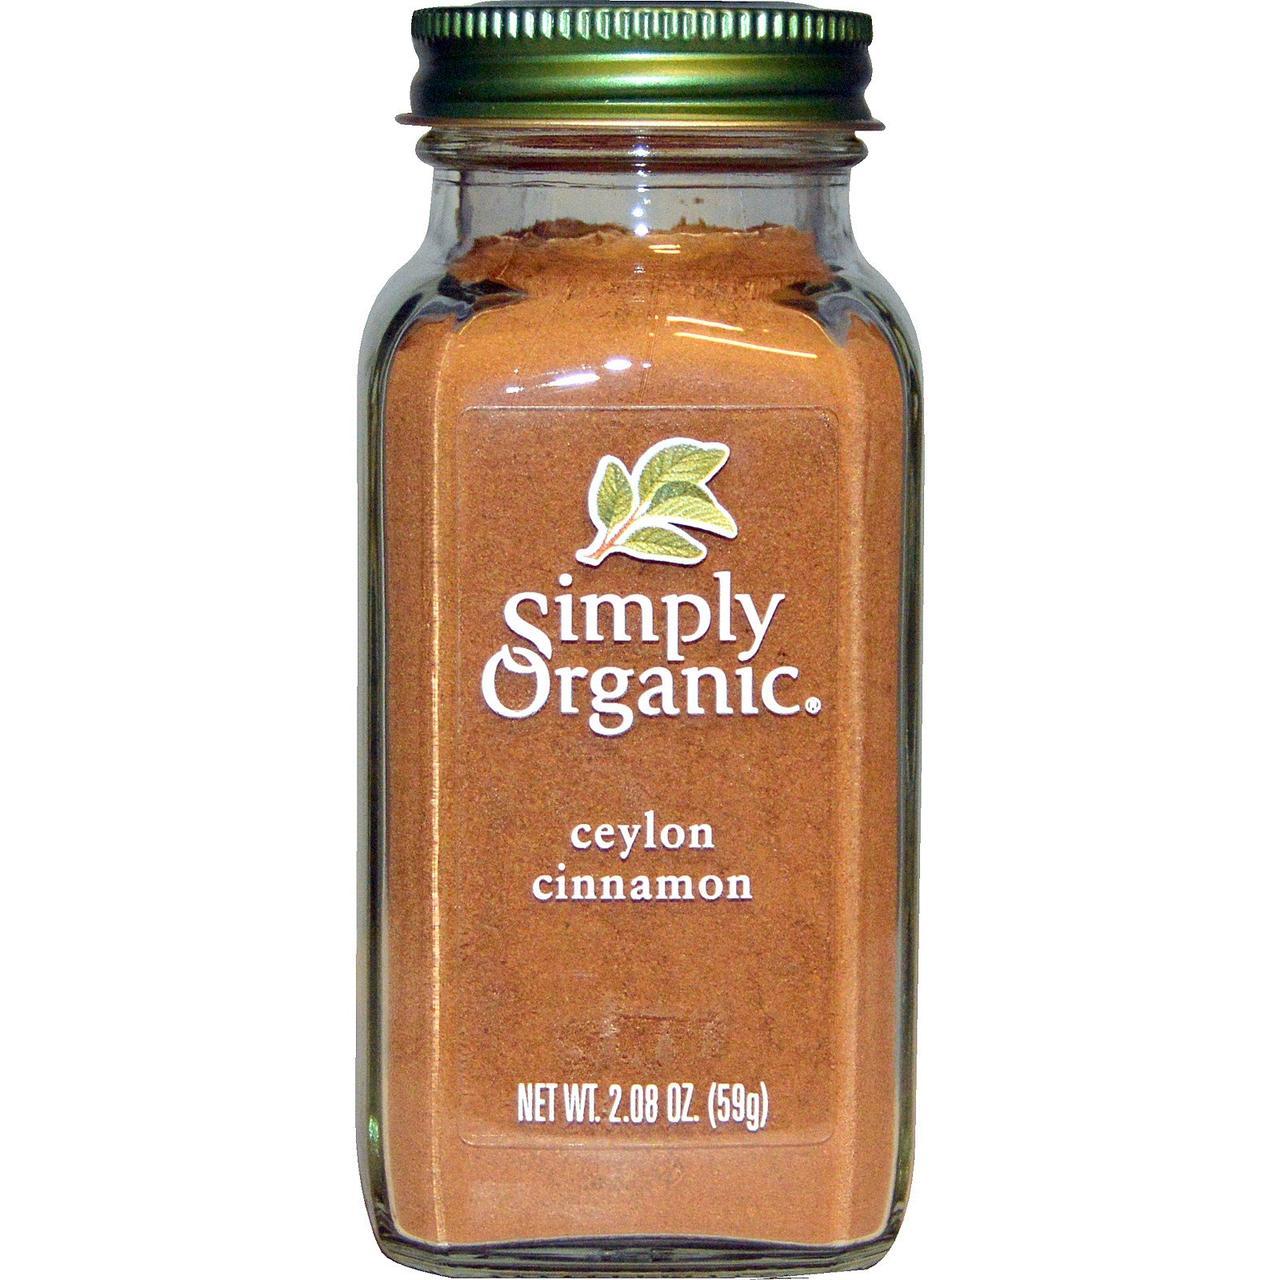 Органическая цейлонская корица Simply Organic, 59 г